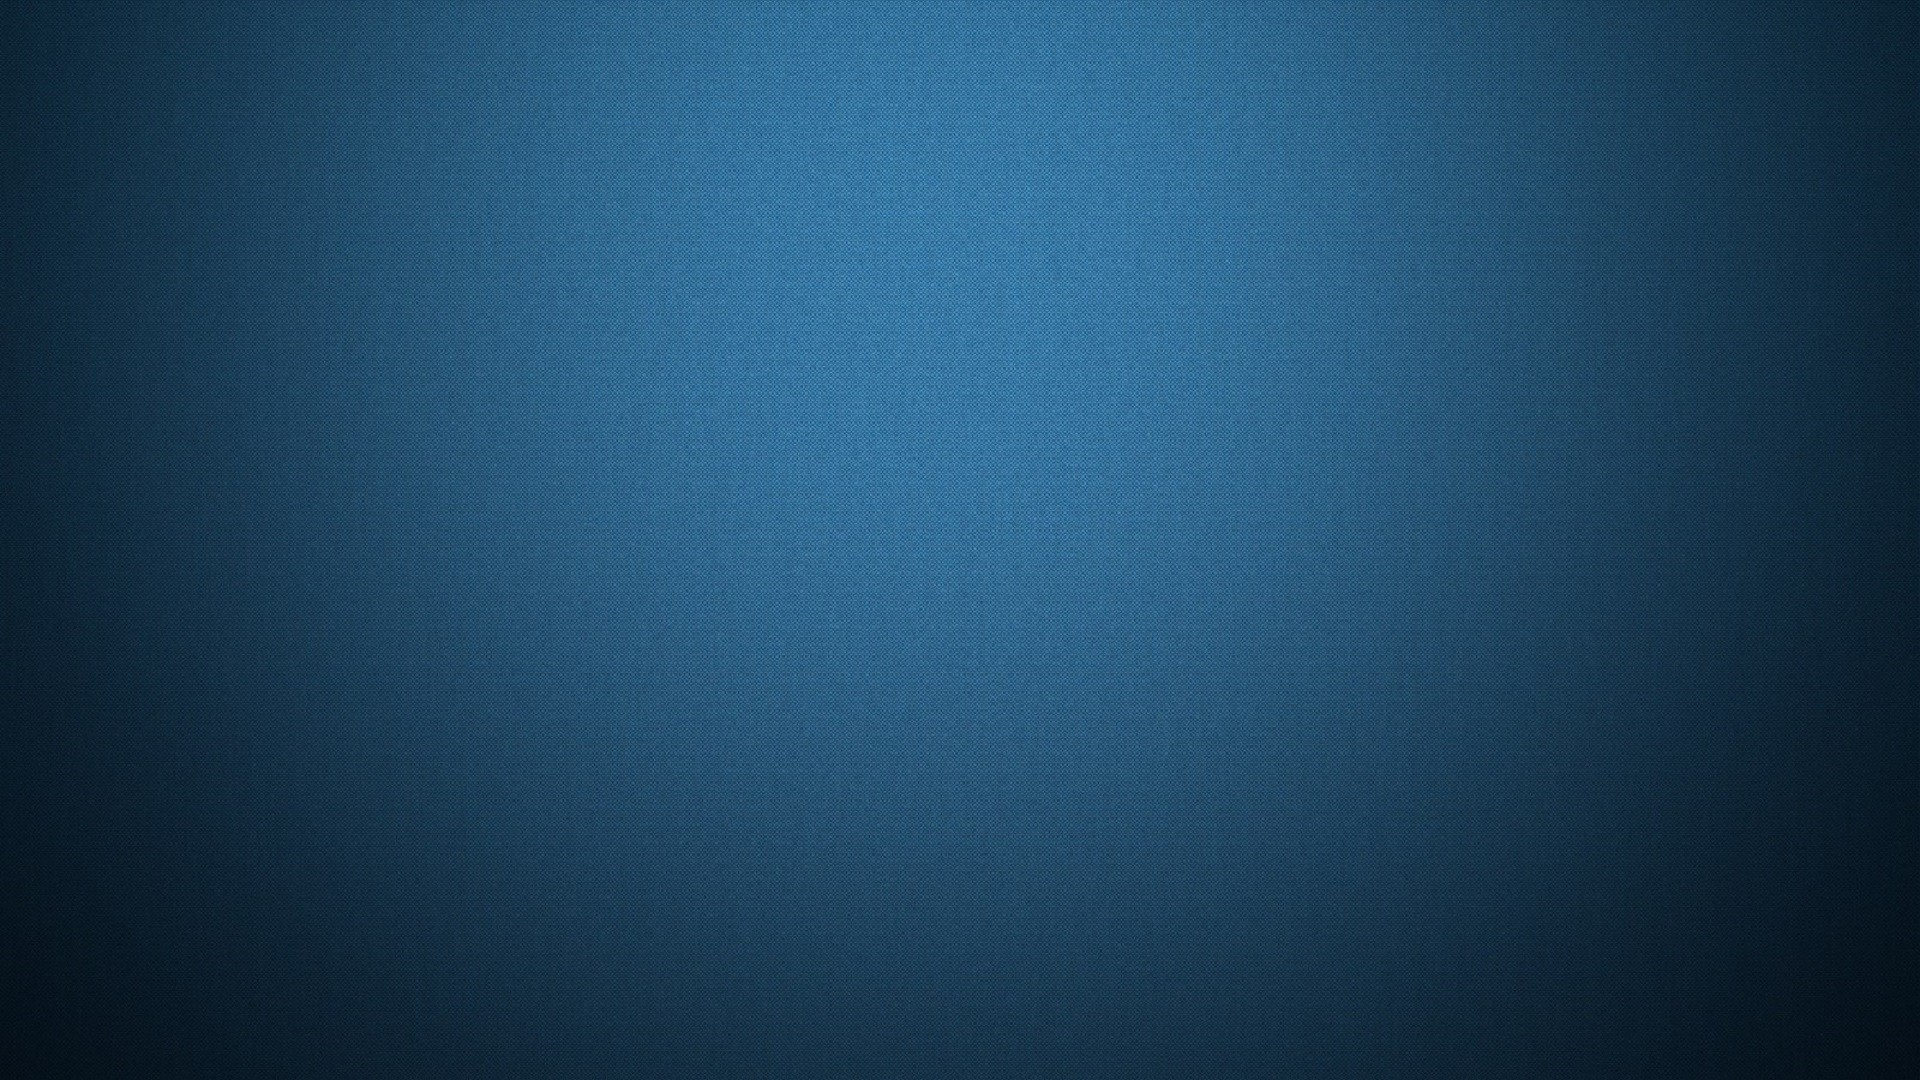 1920x1080 Wallpaper Single Plain Solid Color One Colour Cyan 10767c